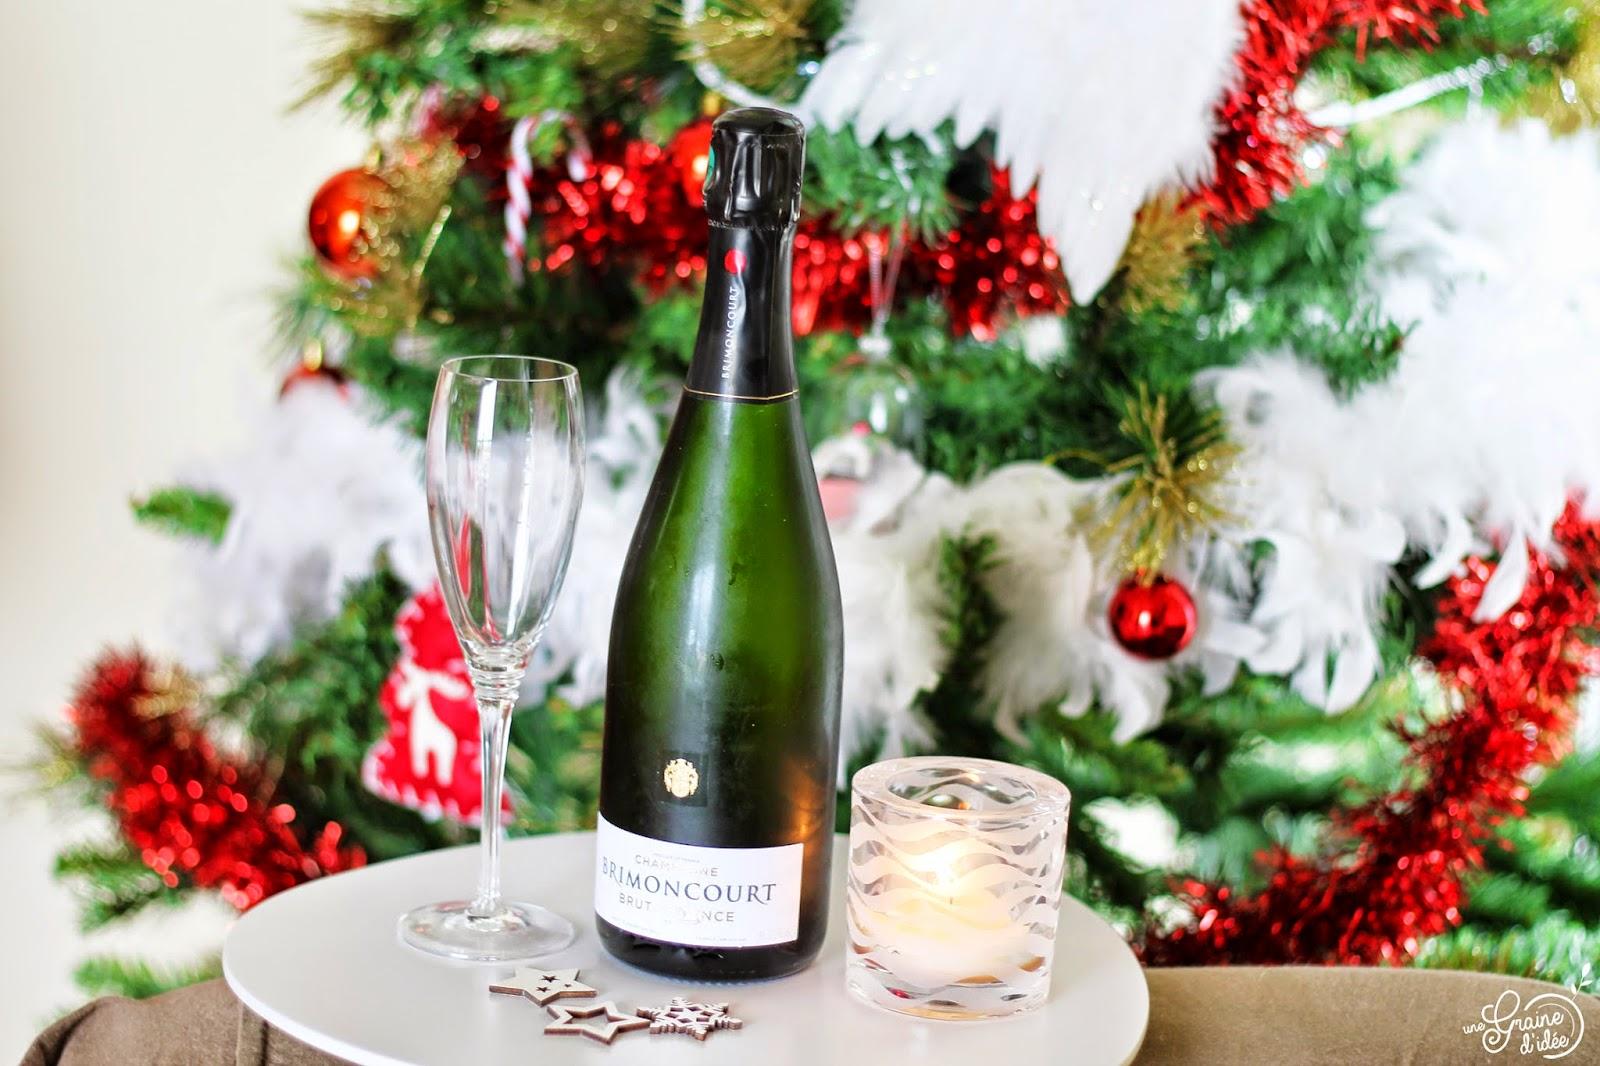 Champagne Brimoncourt - Une Graine d'Idée